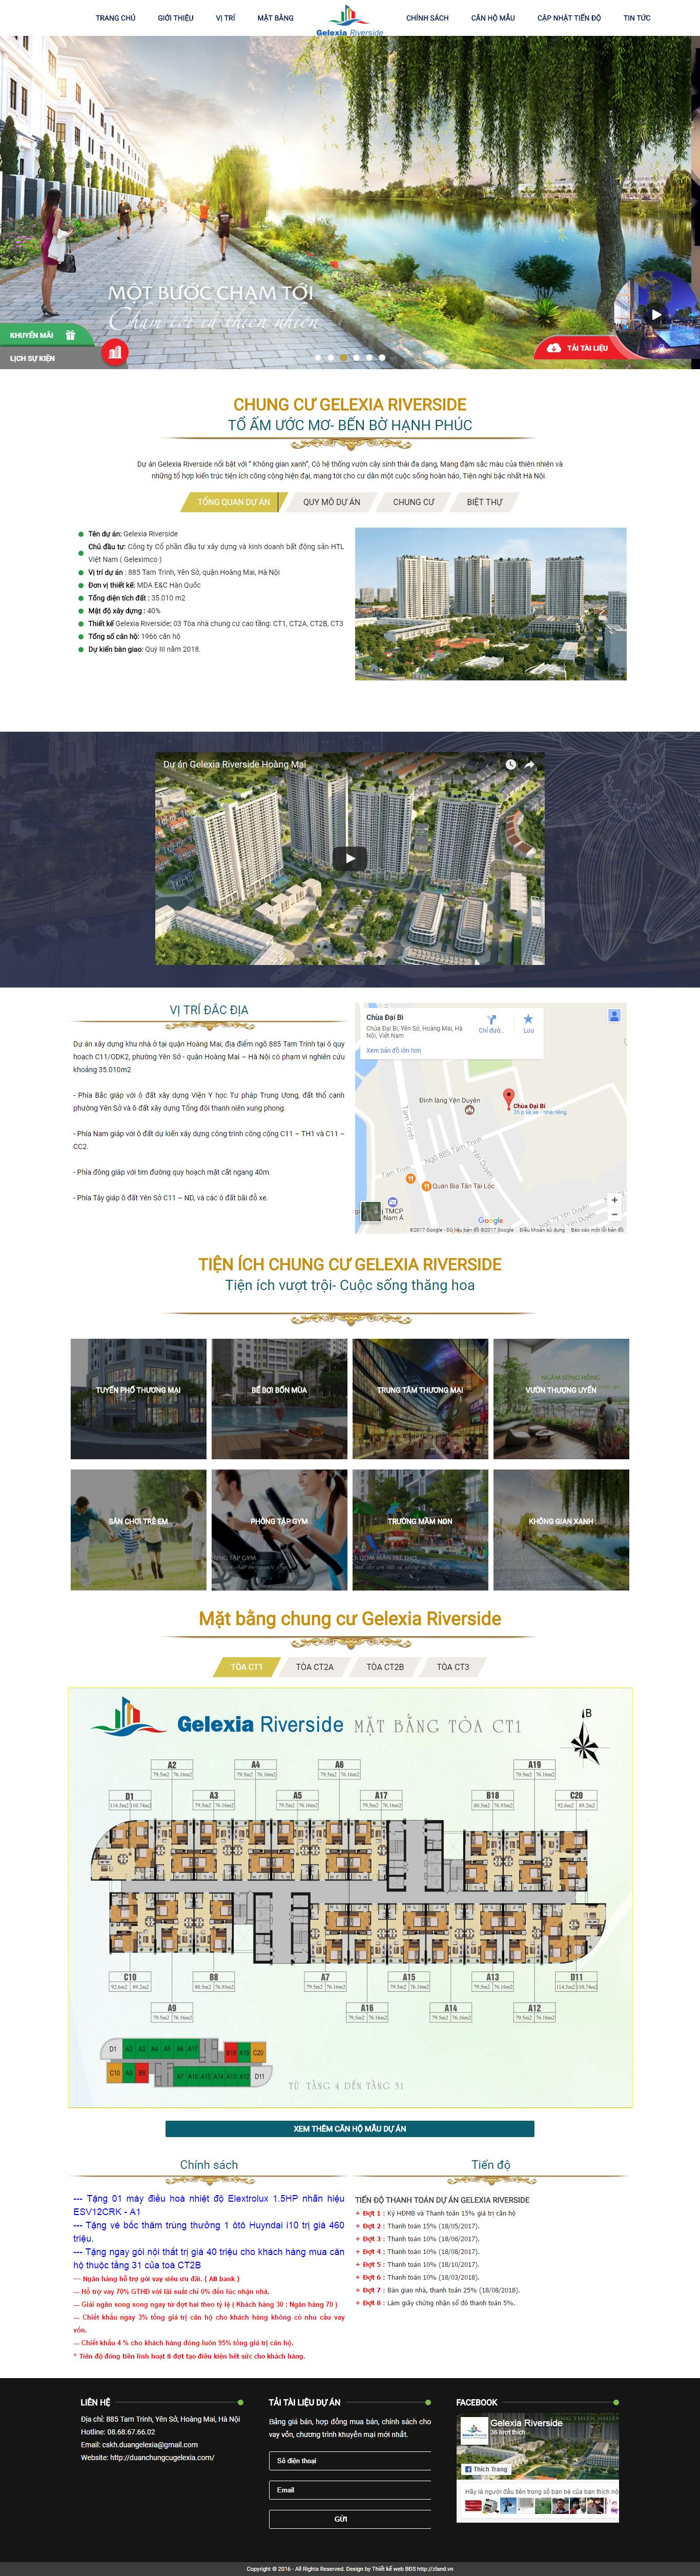 Giao diện website Bất động sản Z - 125